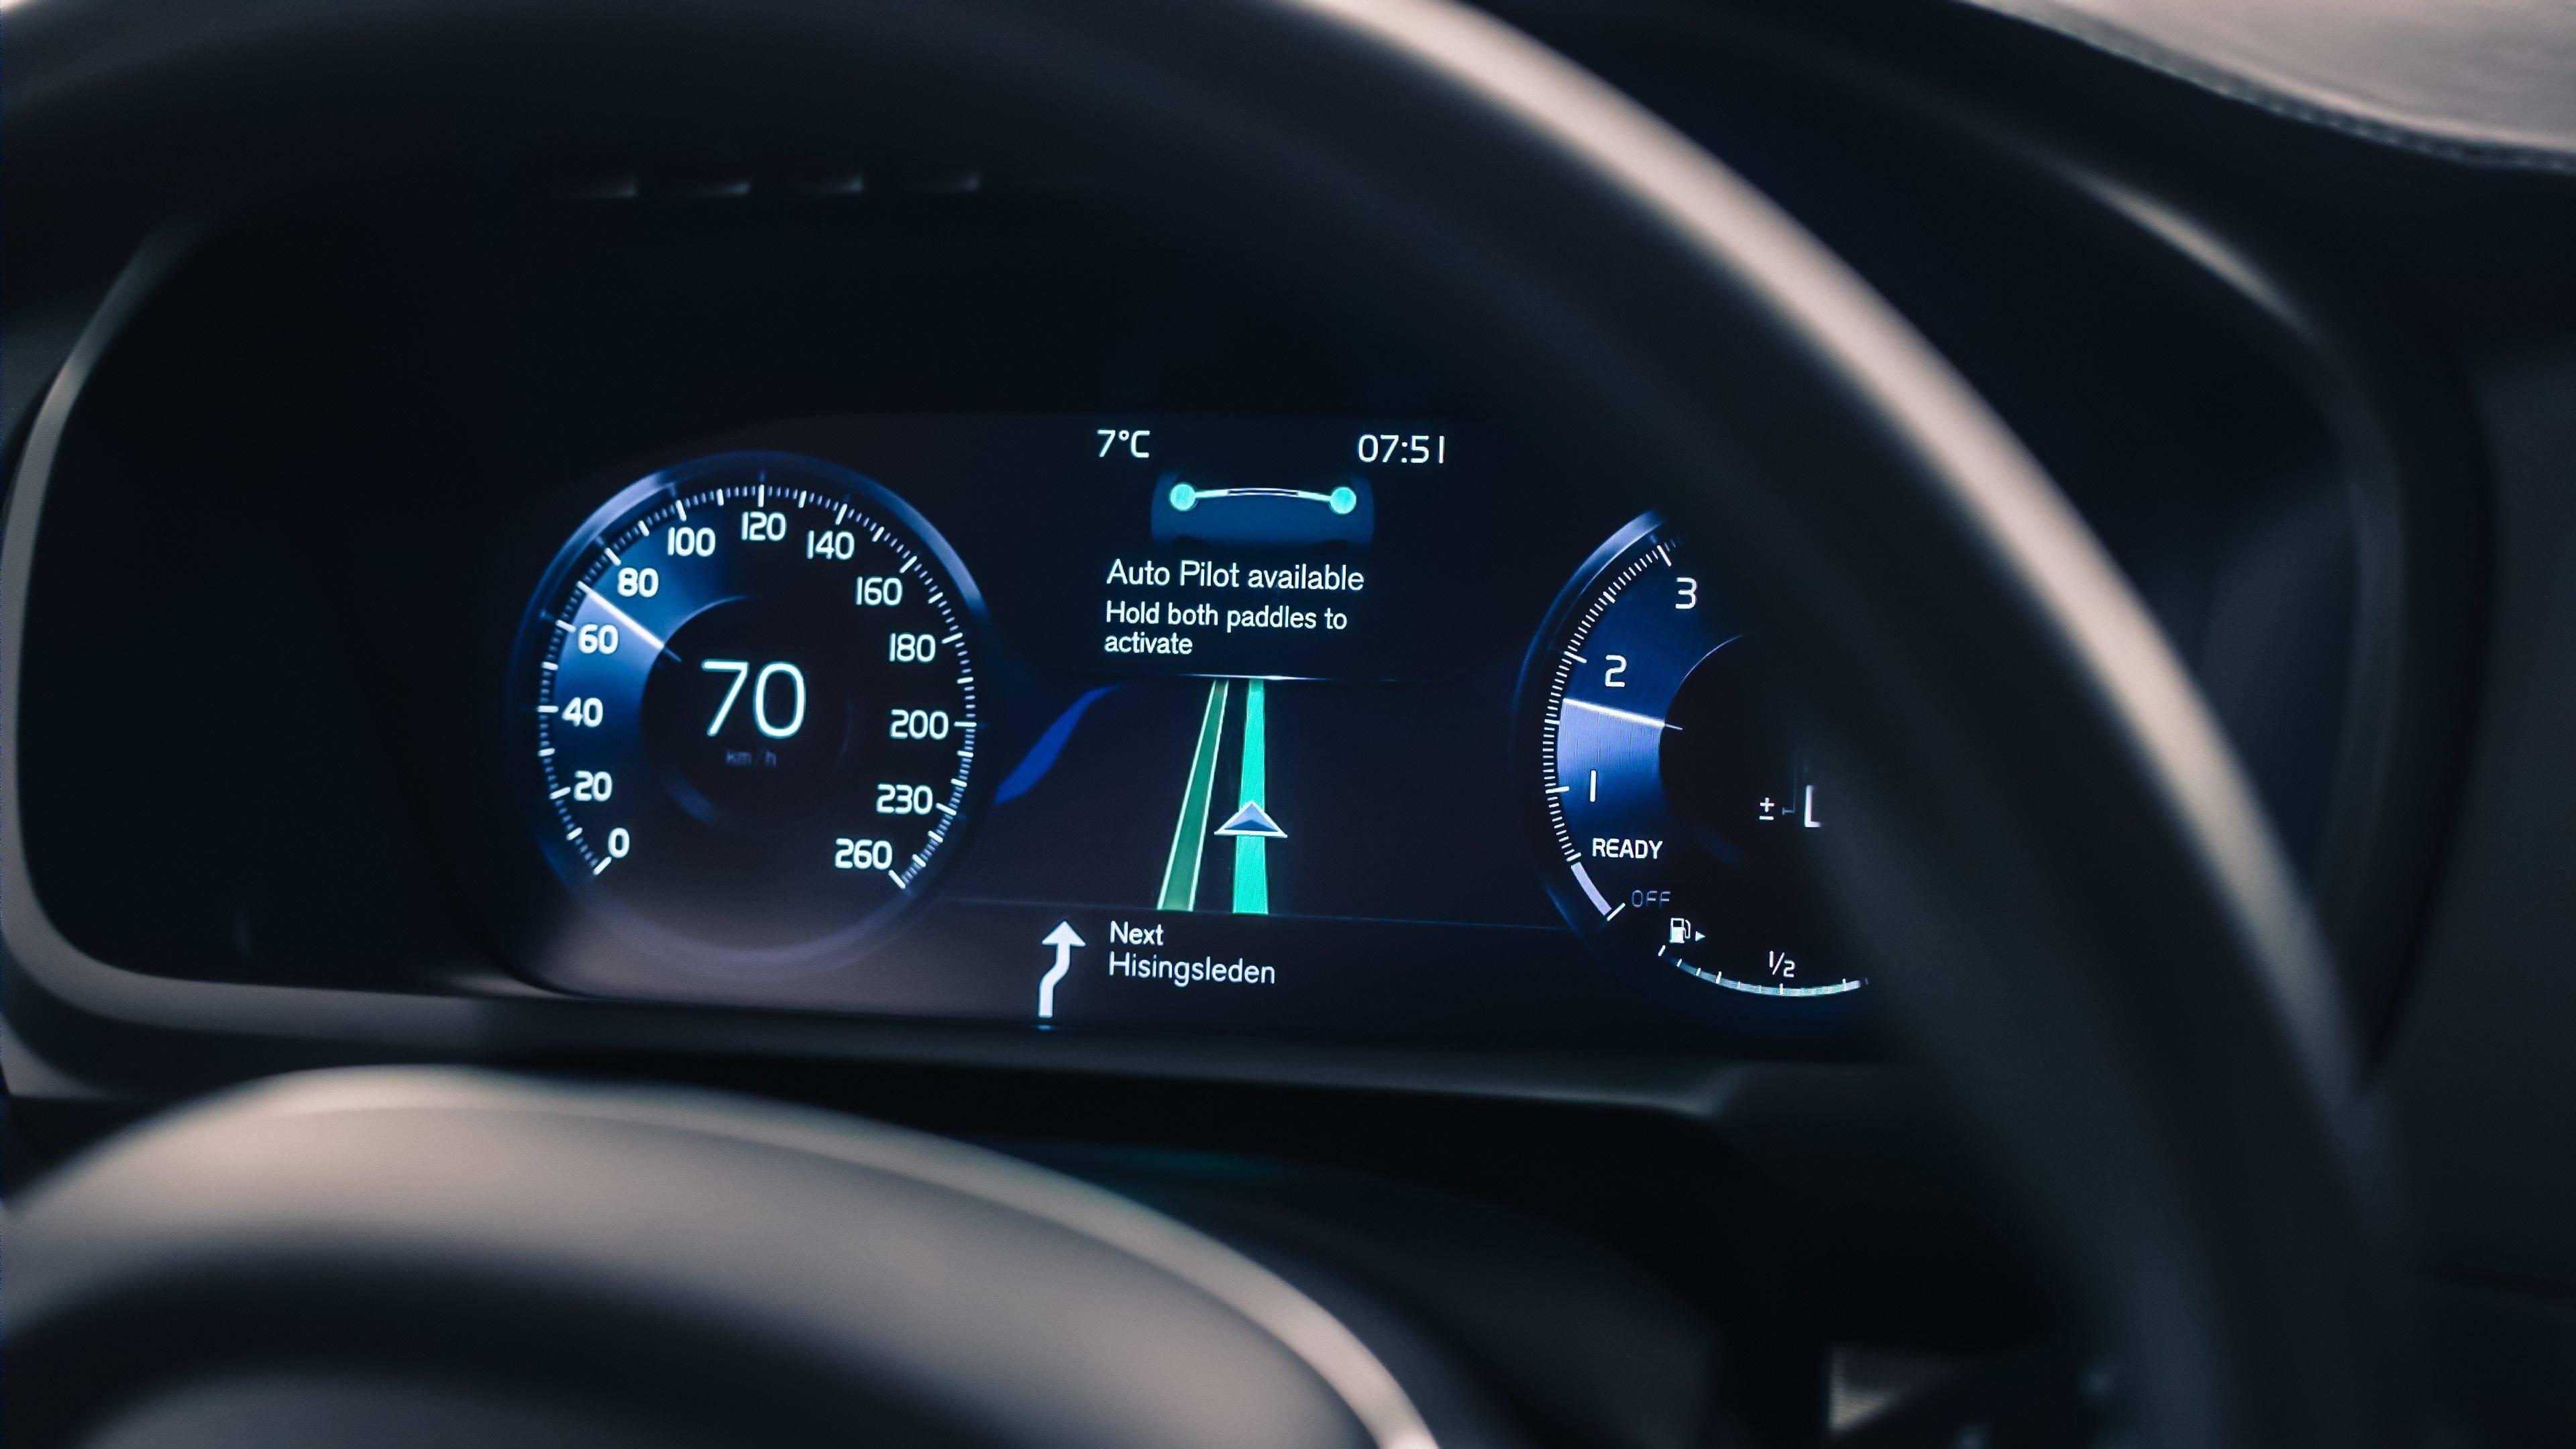 沃尔沃汽车集团与优步(Uber)达成战略合作,将联合开发下一代自动驾驶汽车与技术.jpg